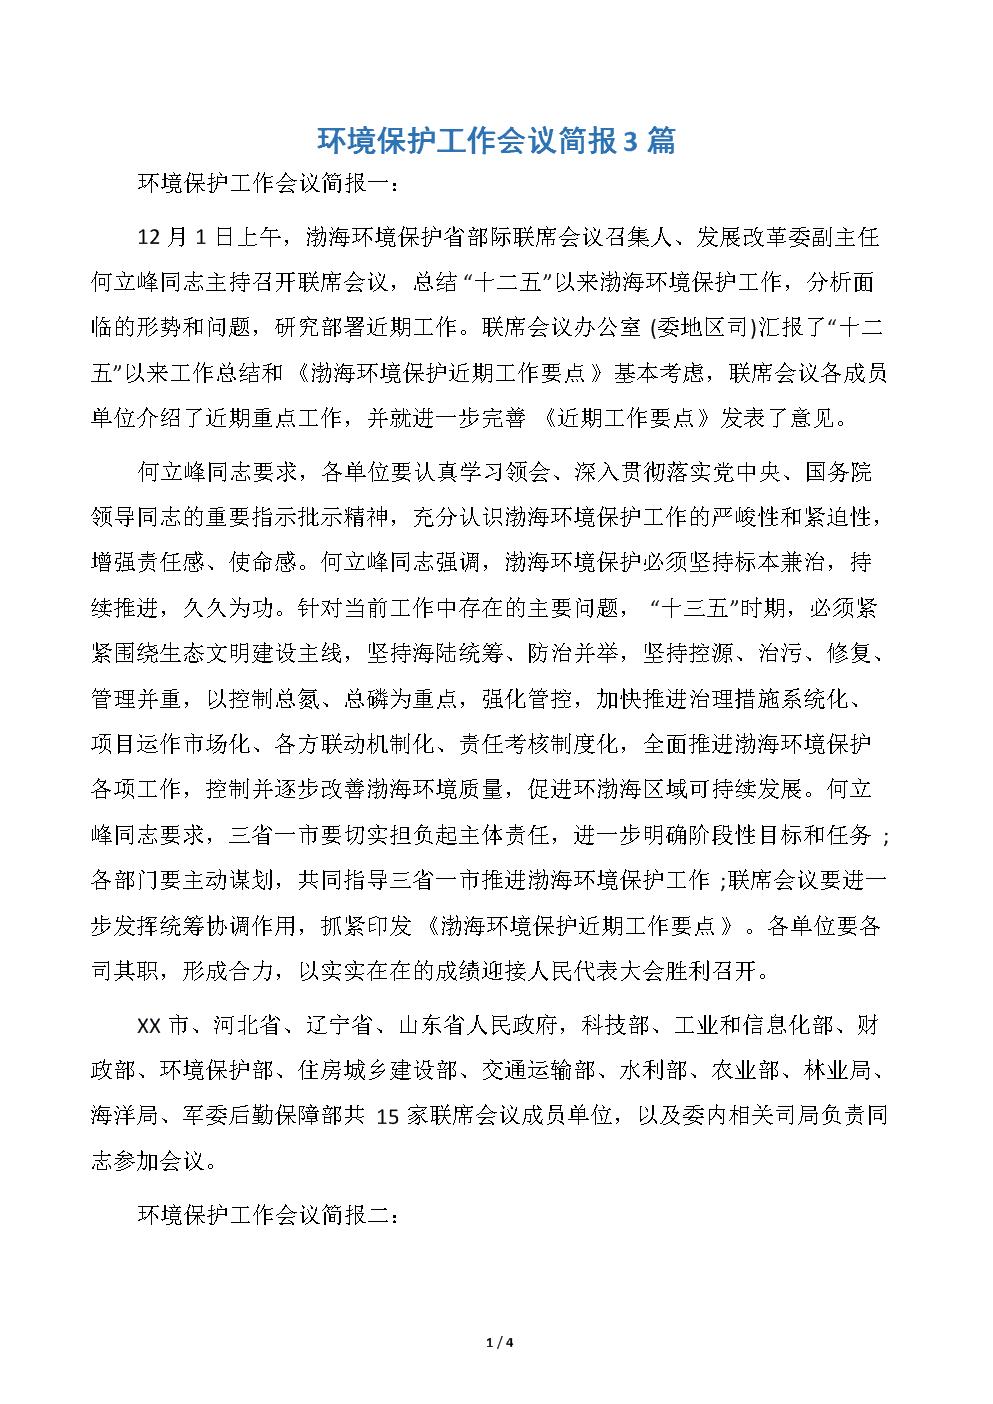 环境保护工作会议简报3篇.docx